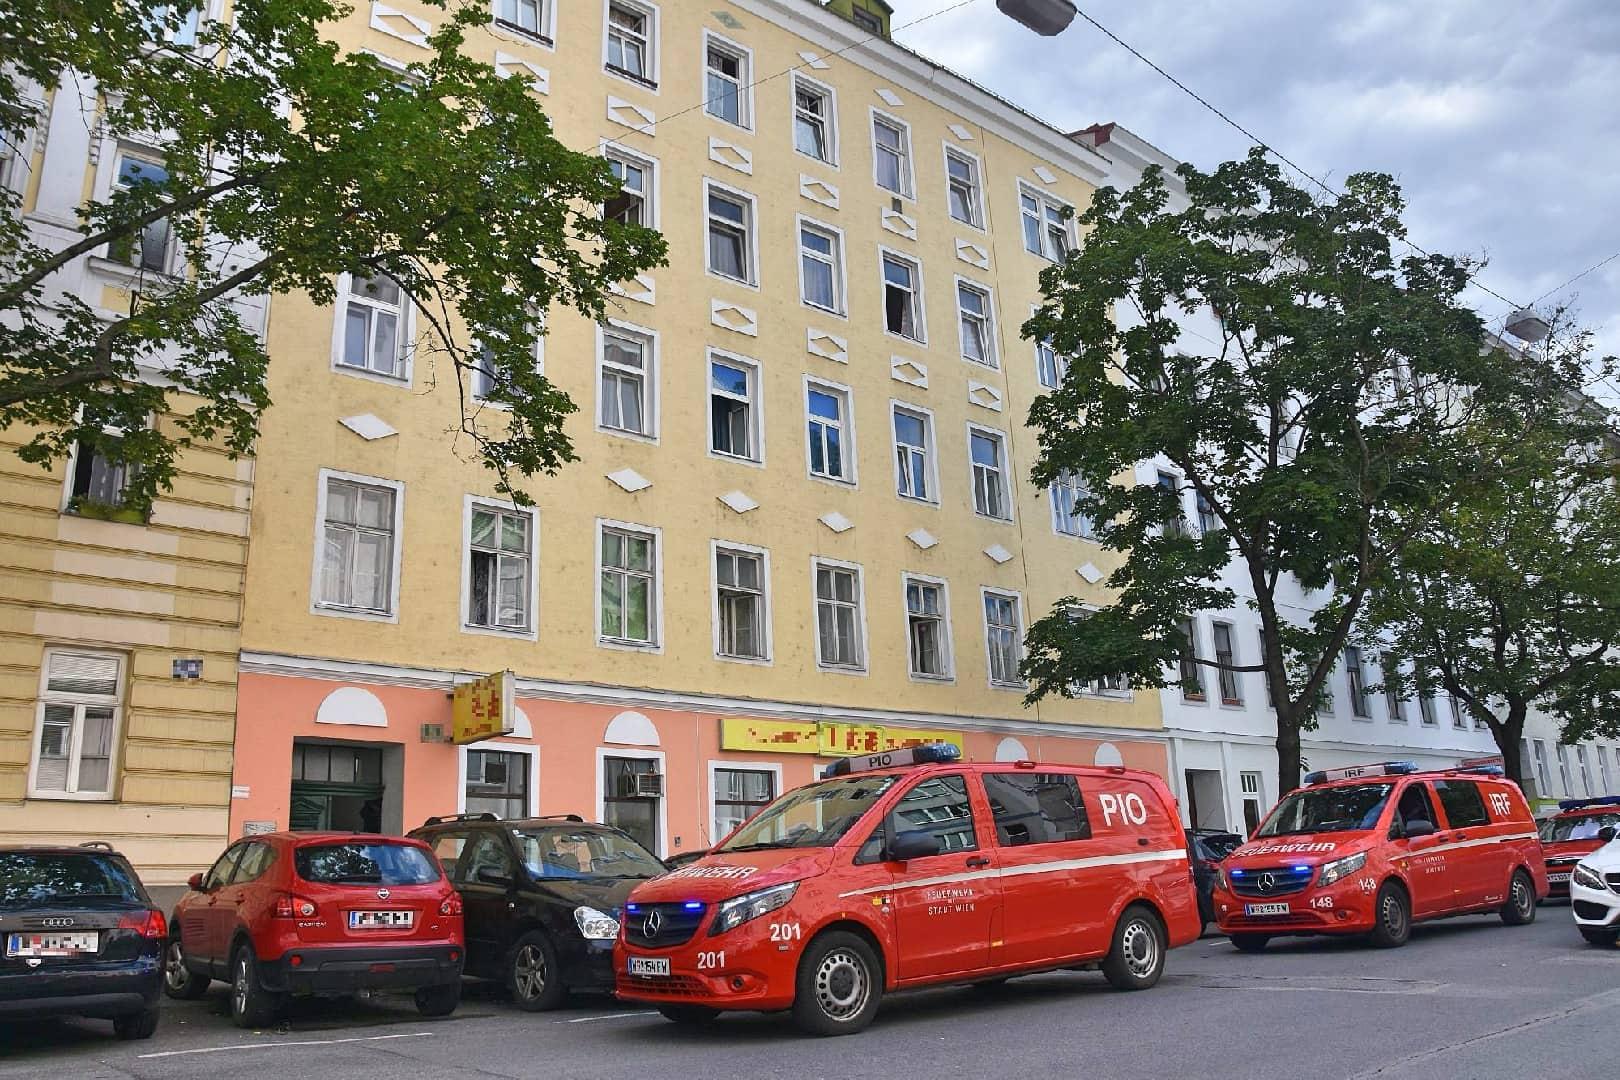 Kohlenstoffmonoxid-Unfall in Wien-Brigittenau